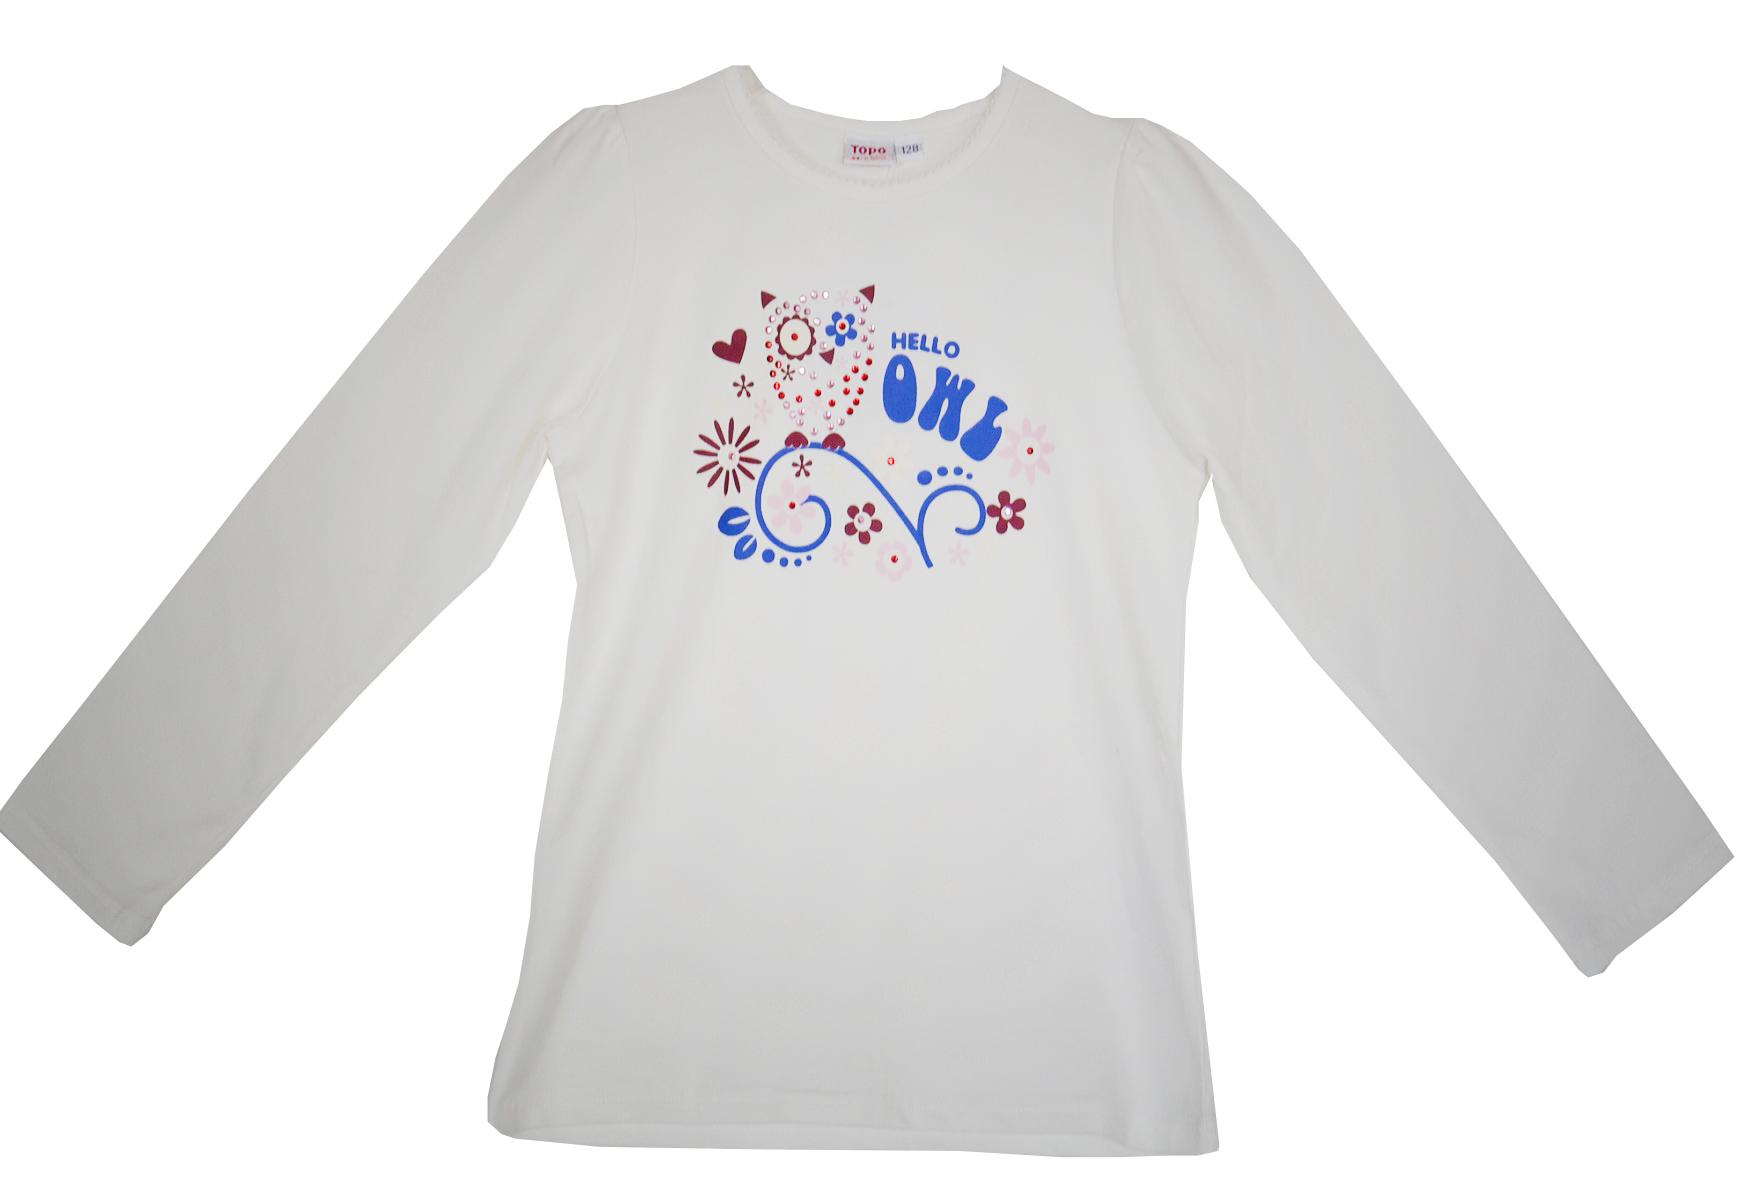 1078278ae98b Topo Dievčenské tričko so sovou - biele